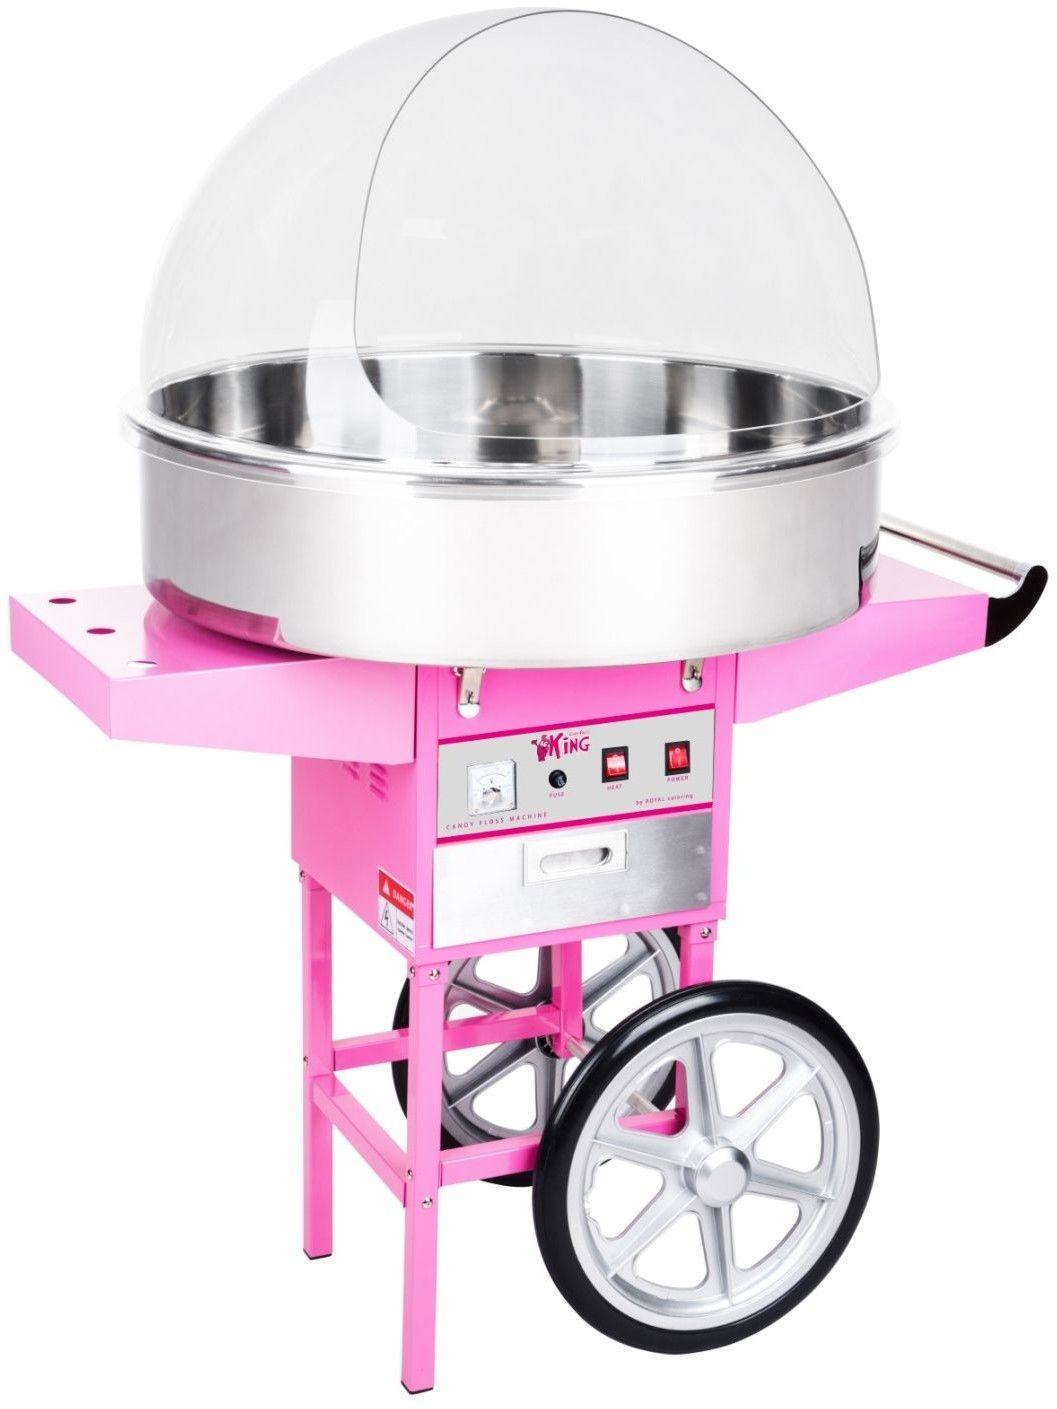 Zestaw Maszyna do waty cukrowej - 72 cm - pokrywa + Świecące pałeczki - LED - 100 szt. - Royal Catering - RCZC-1200XL SET1 - 3 lata gwarancji/wysyłka